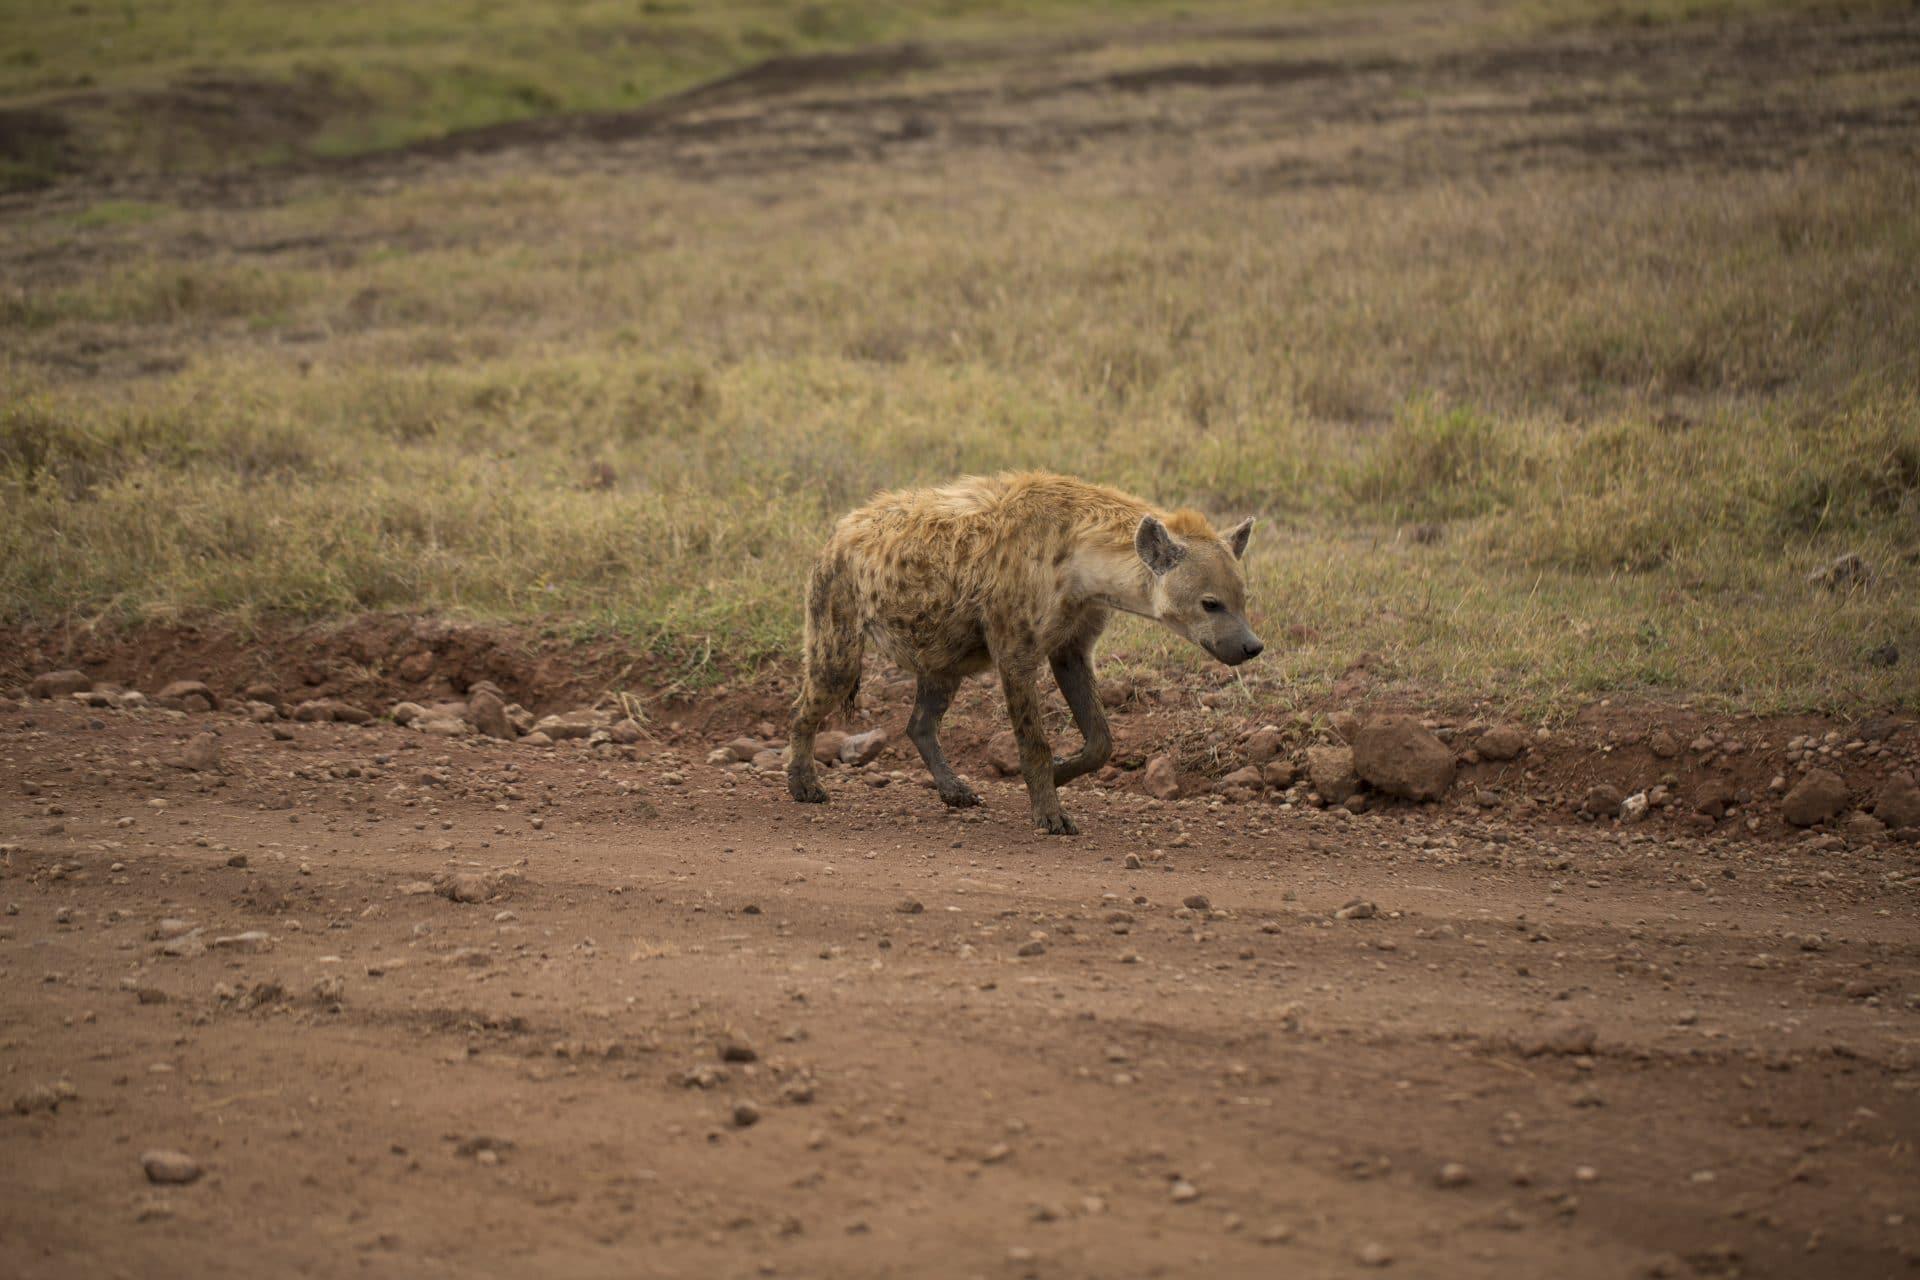 Hyena on safari in Masai Mara